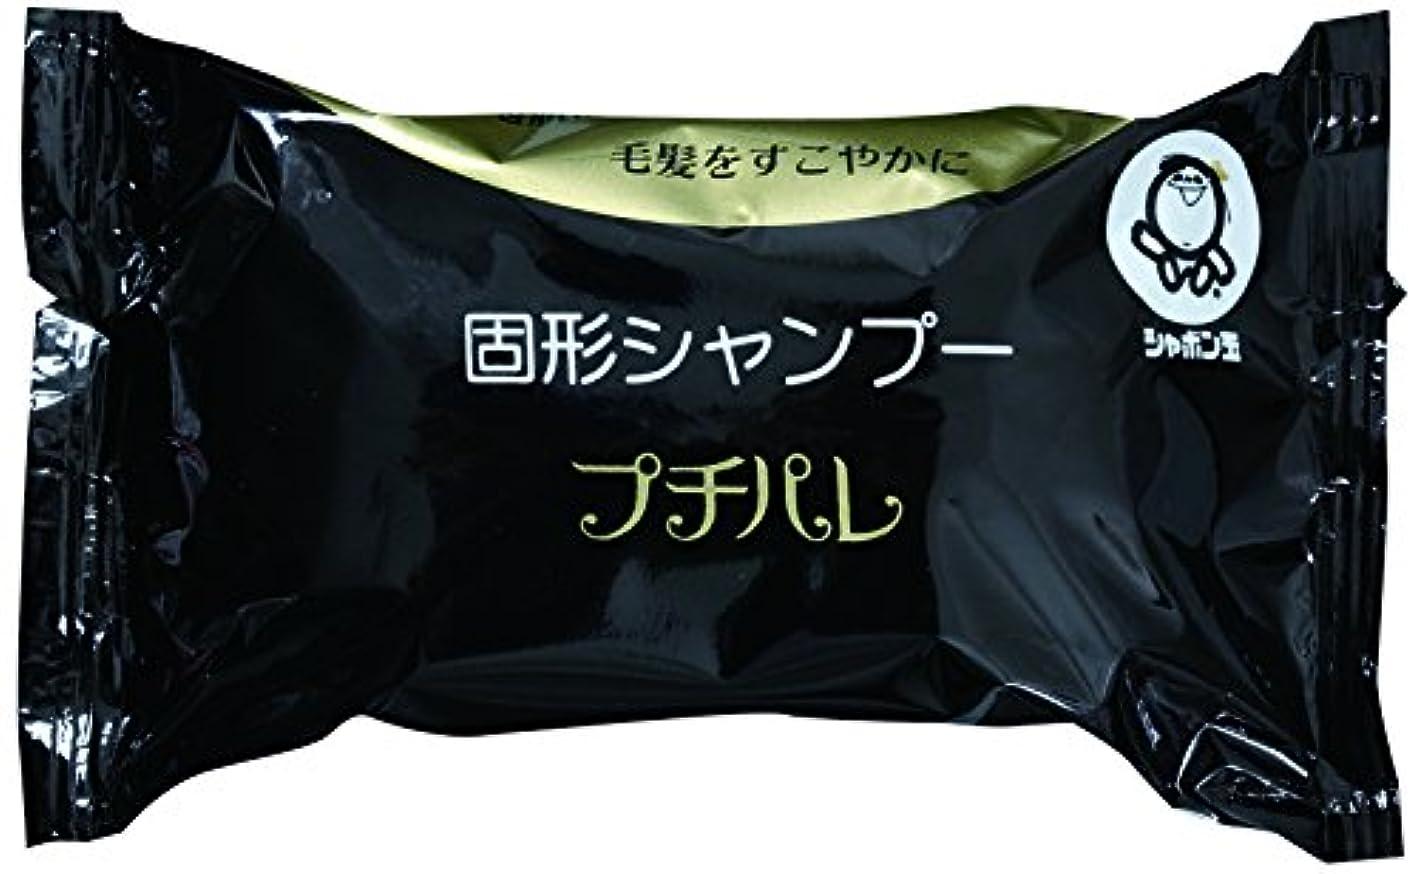 クラシカル効果的散らすシャボン玉 固形シャンプー プチパレ 100g